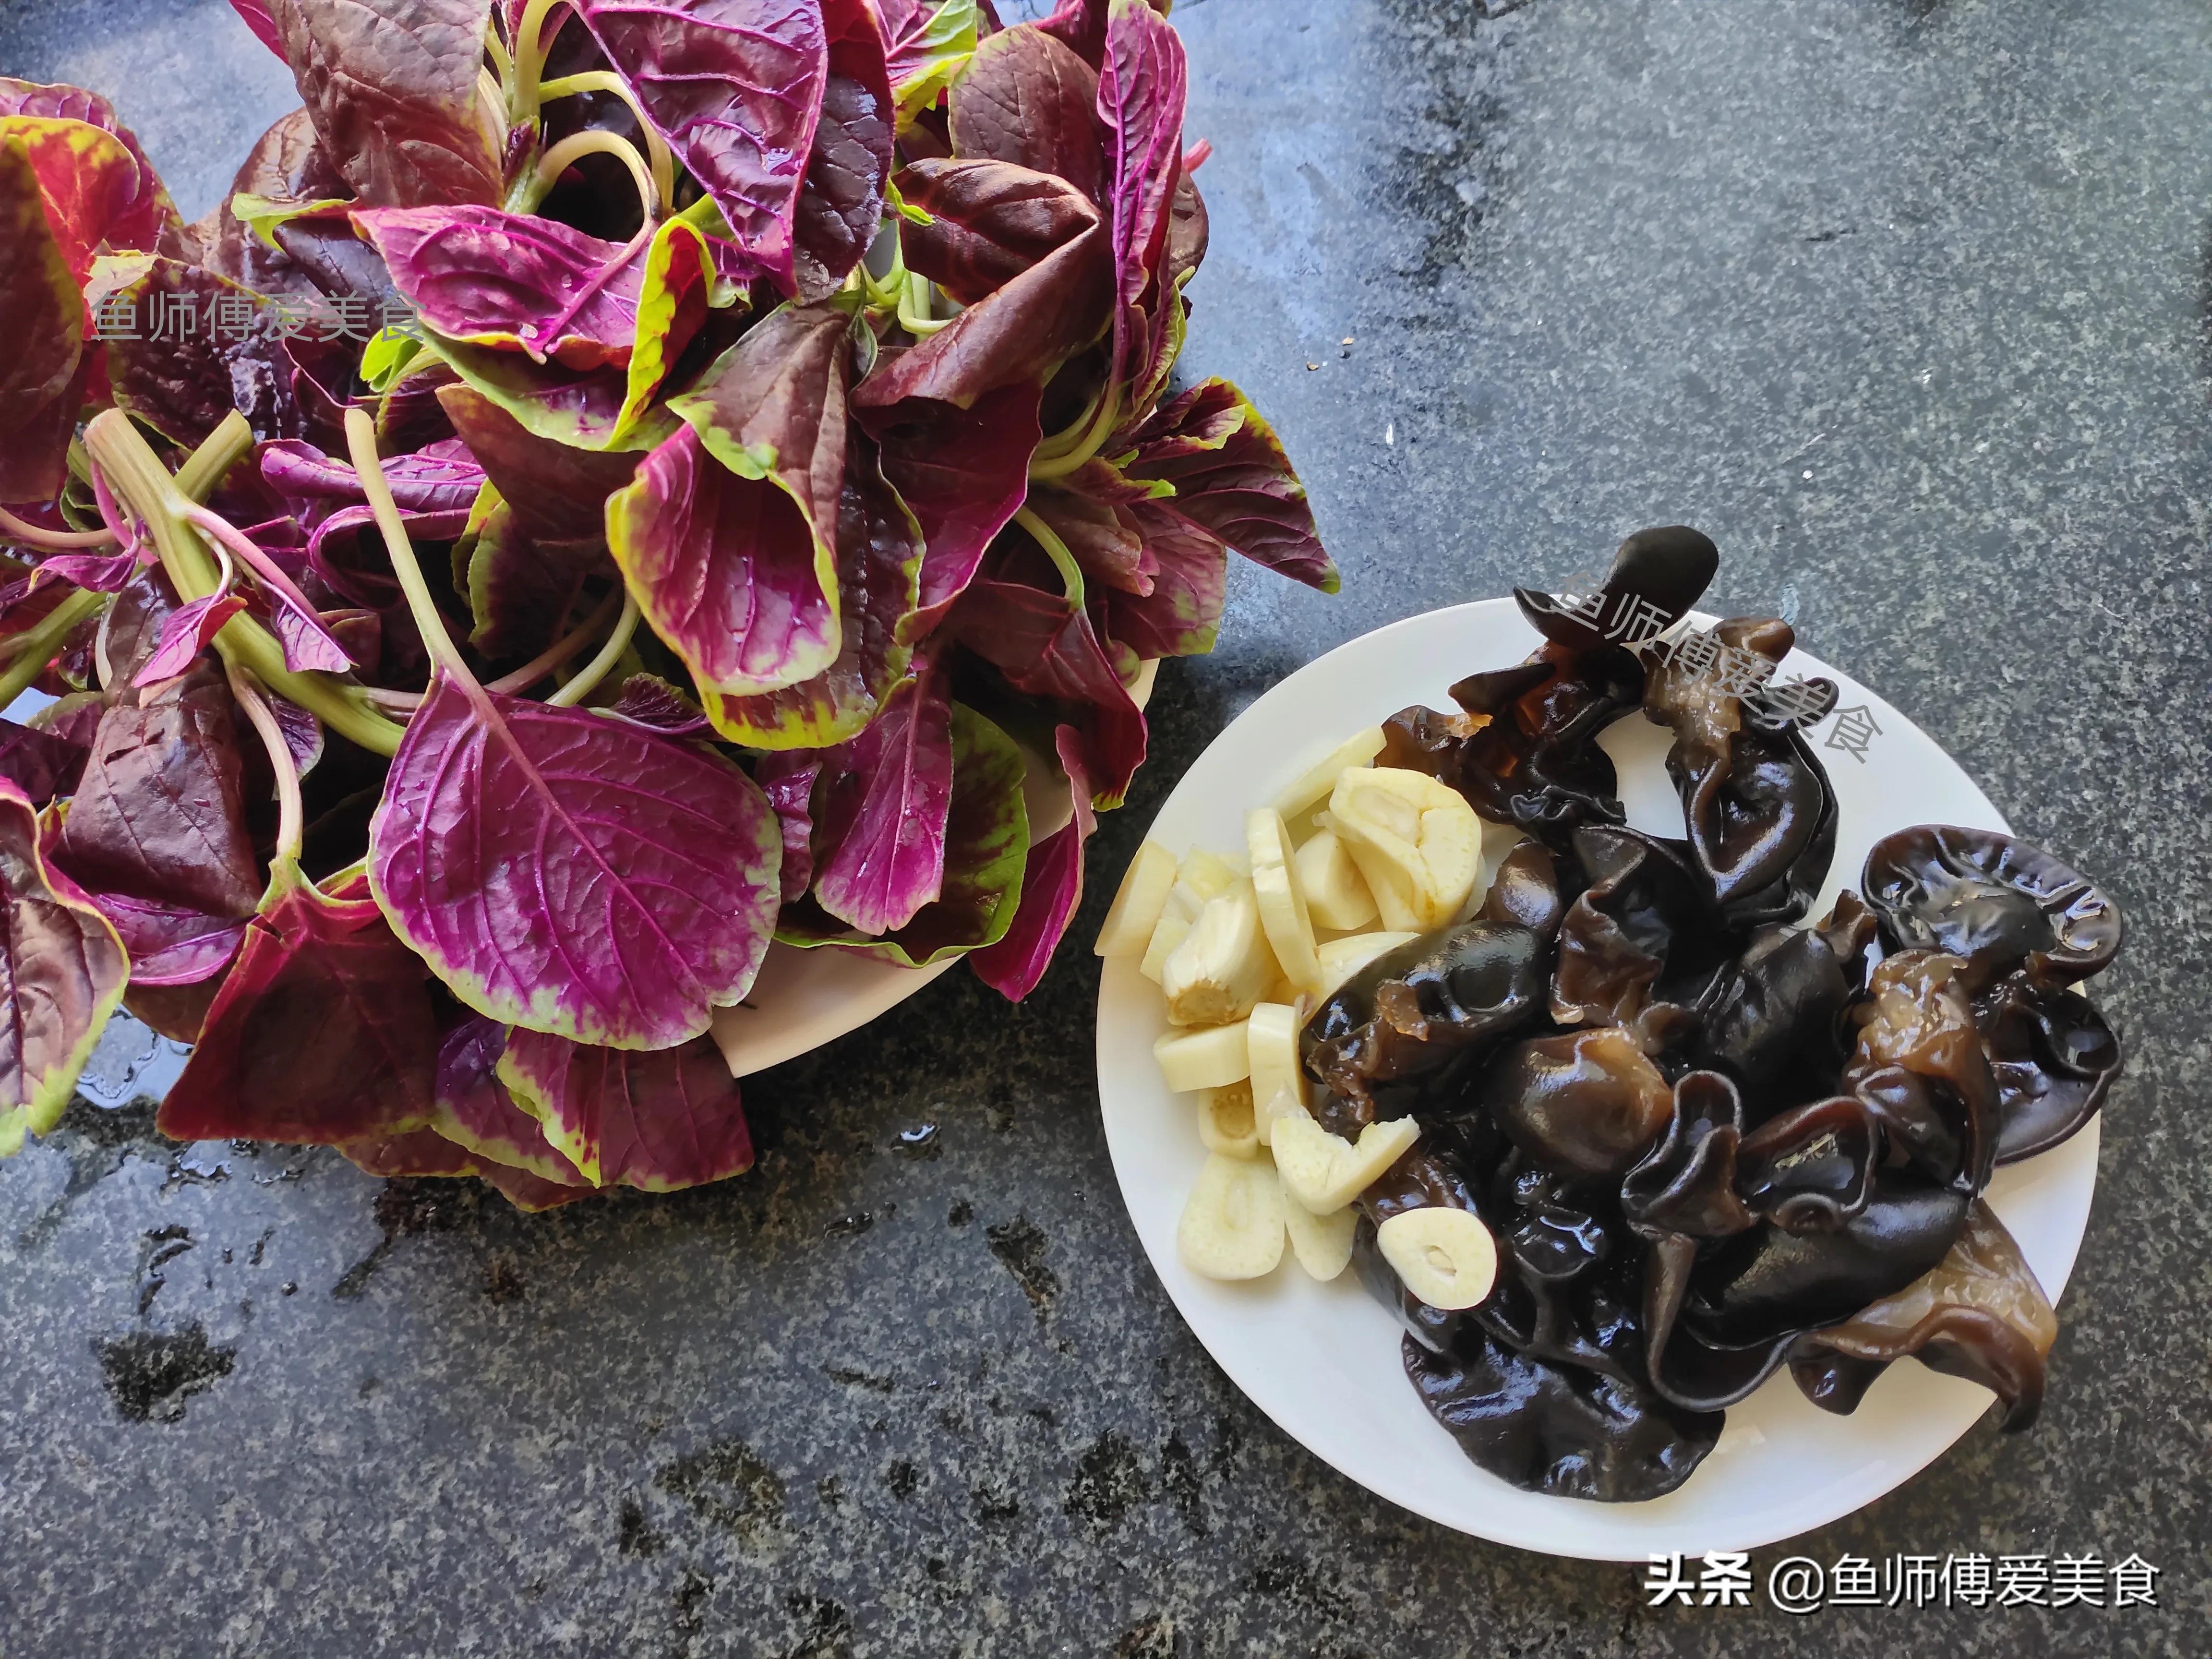 适合热天吃的7道素菜,简单美味7天不重样,应季而食健康过夏天 美食做法 第5张